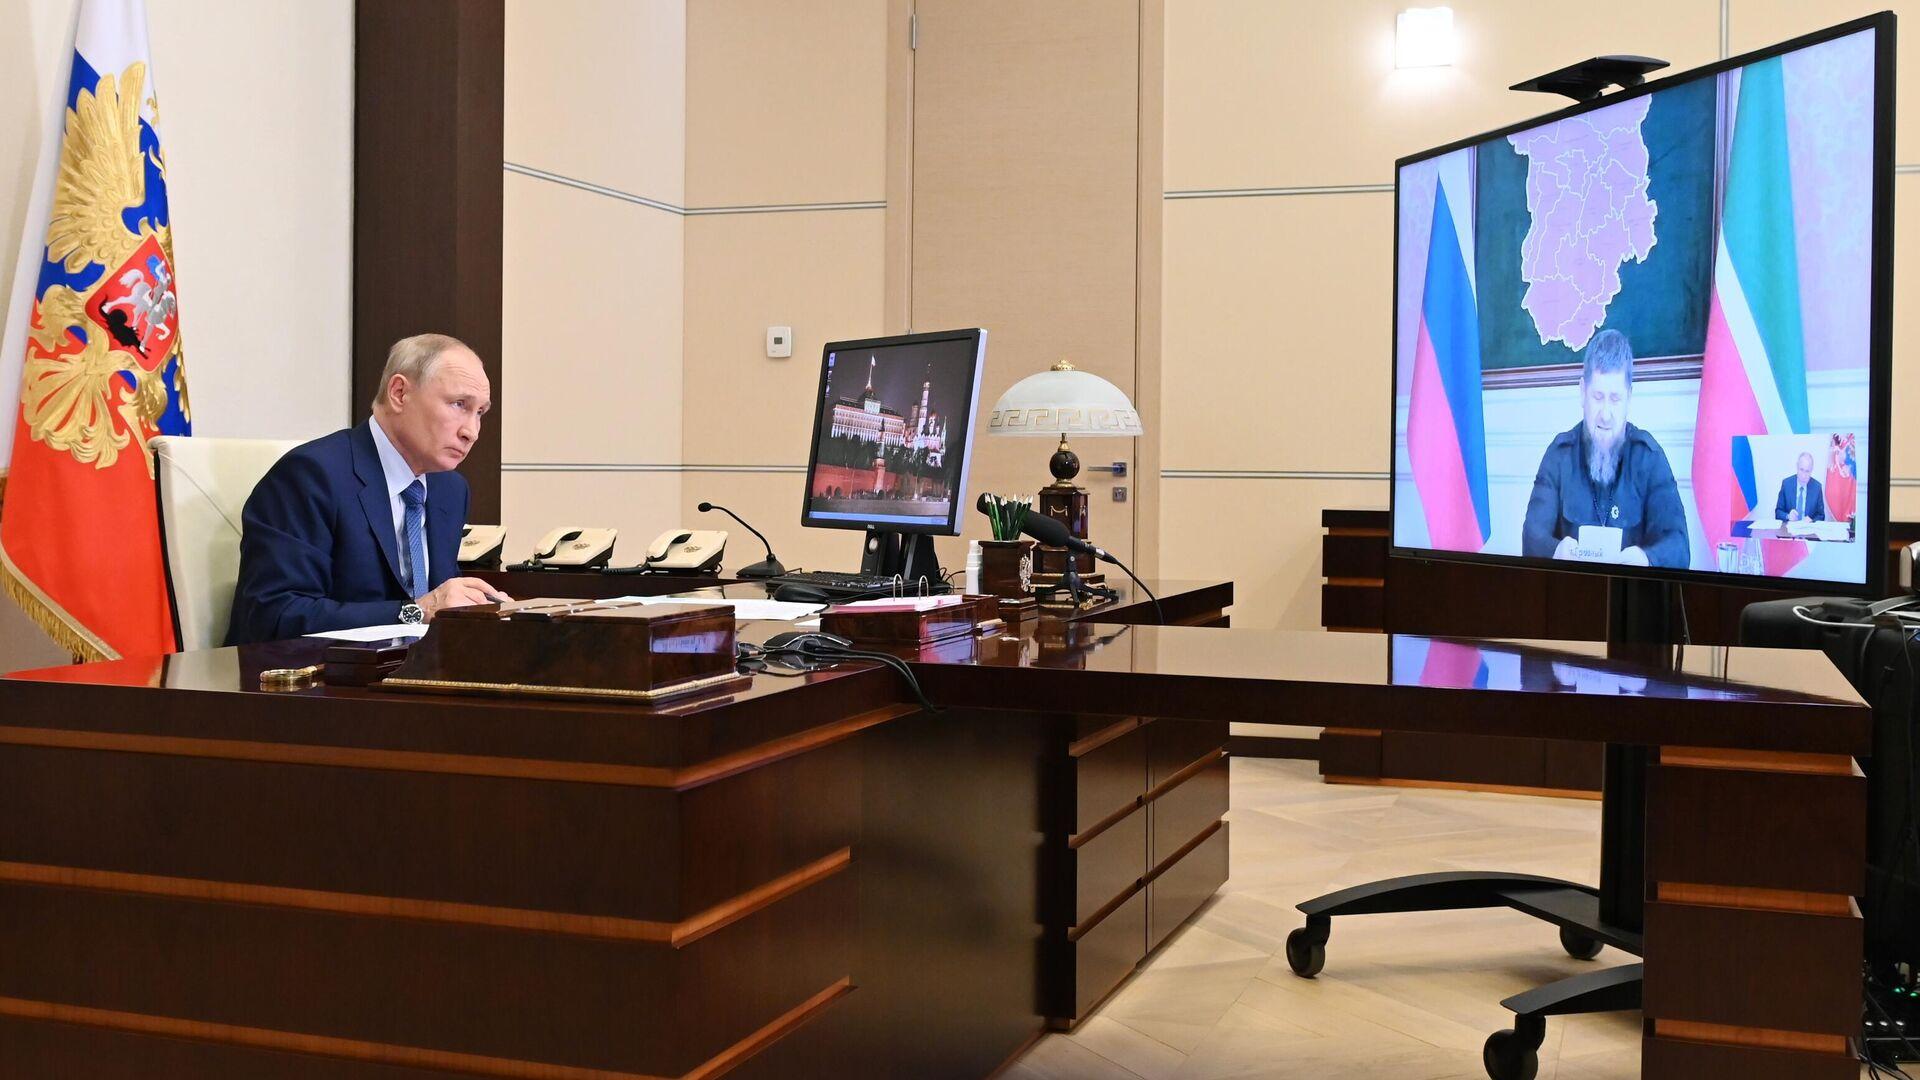 Президент РФ Владимир Путин во время рабочей встречи в режиме видеоконференции с главой Чеченской Республики Рамзаном Кадыровым - РИА Новости, 1920, 23.06.2021